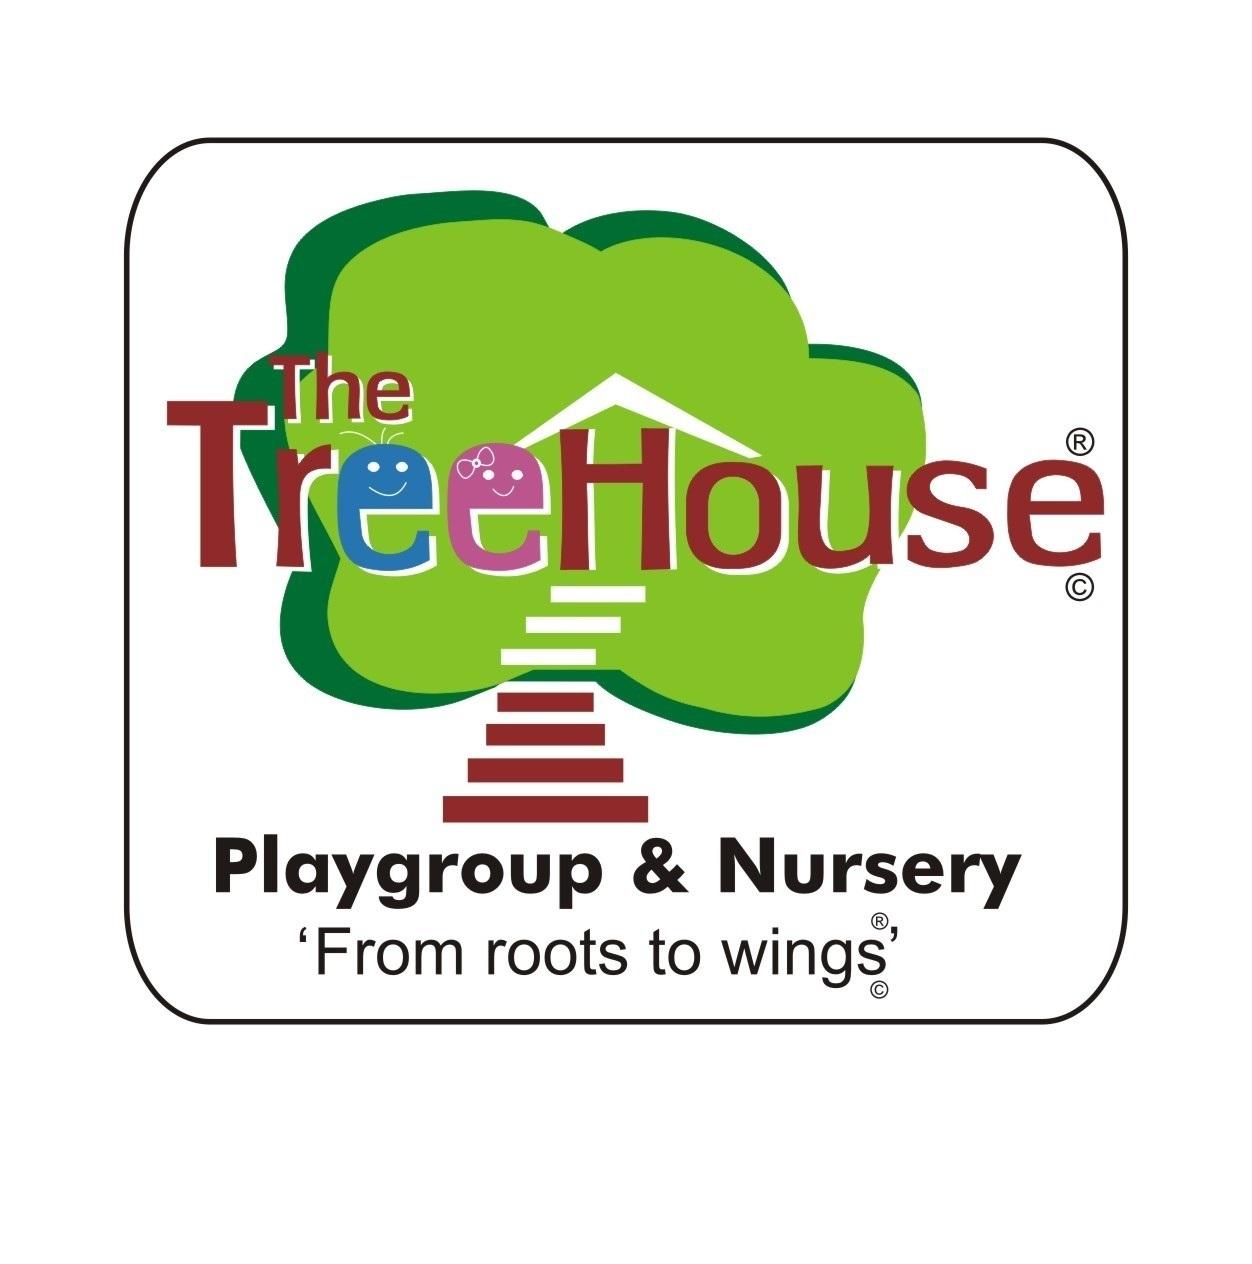 Treehouse Playgroup - Malad - Mumbai Image